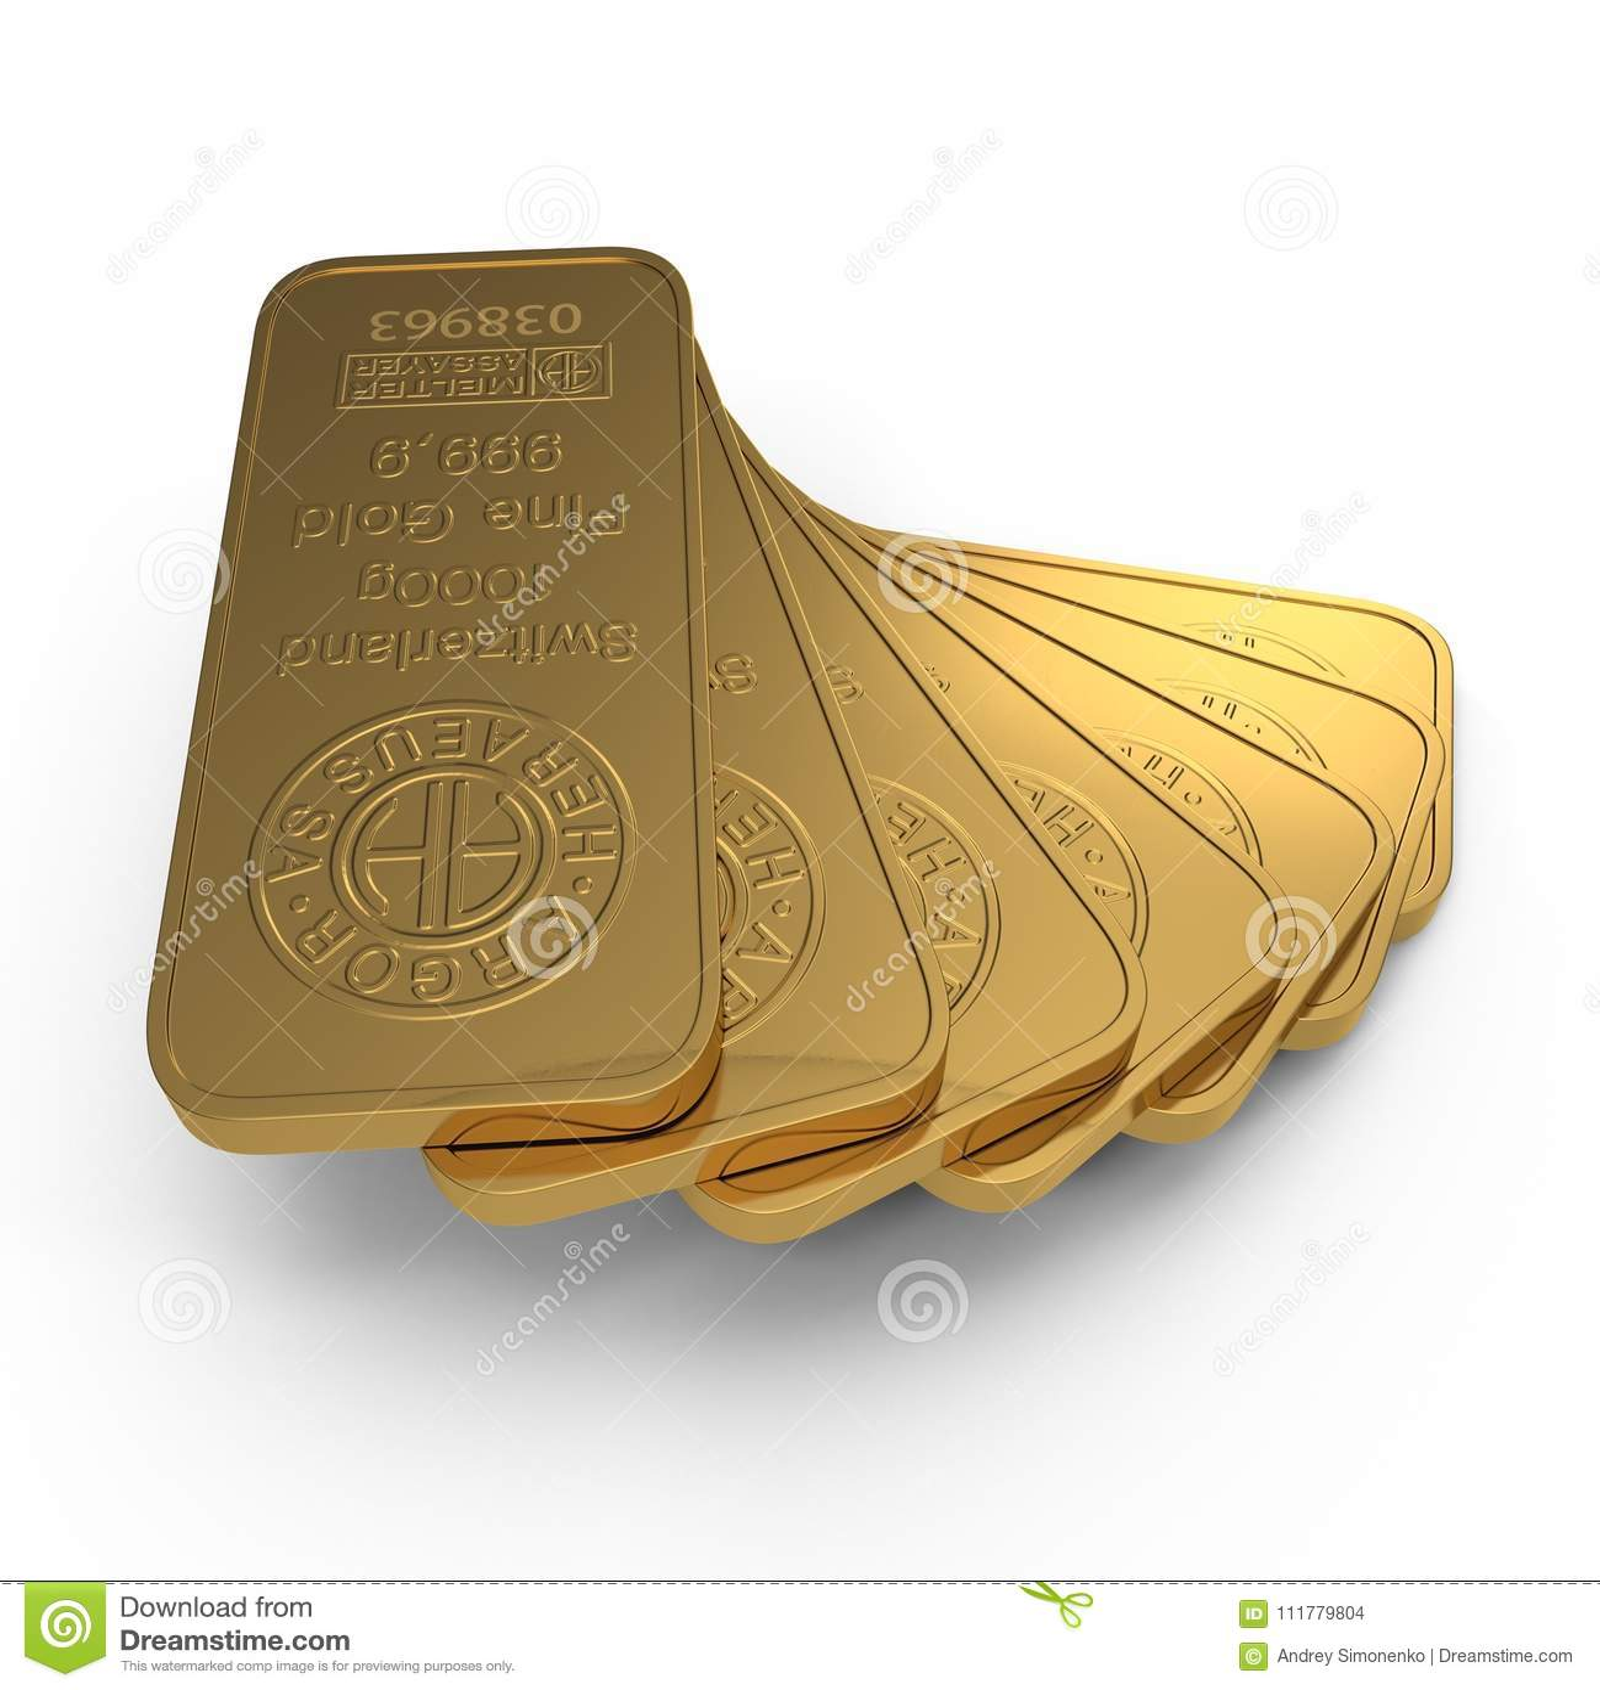 Gold bar 1000g isolated on white. 3D illustration